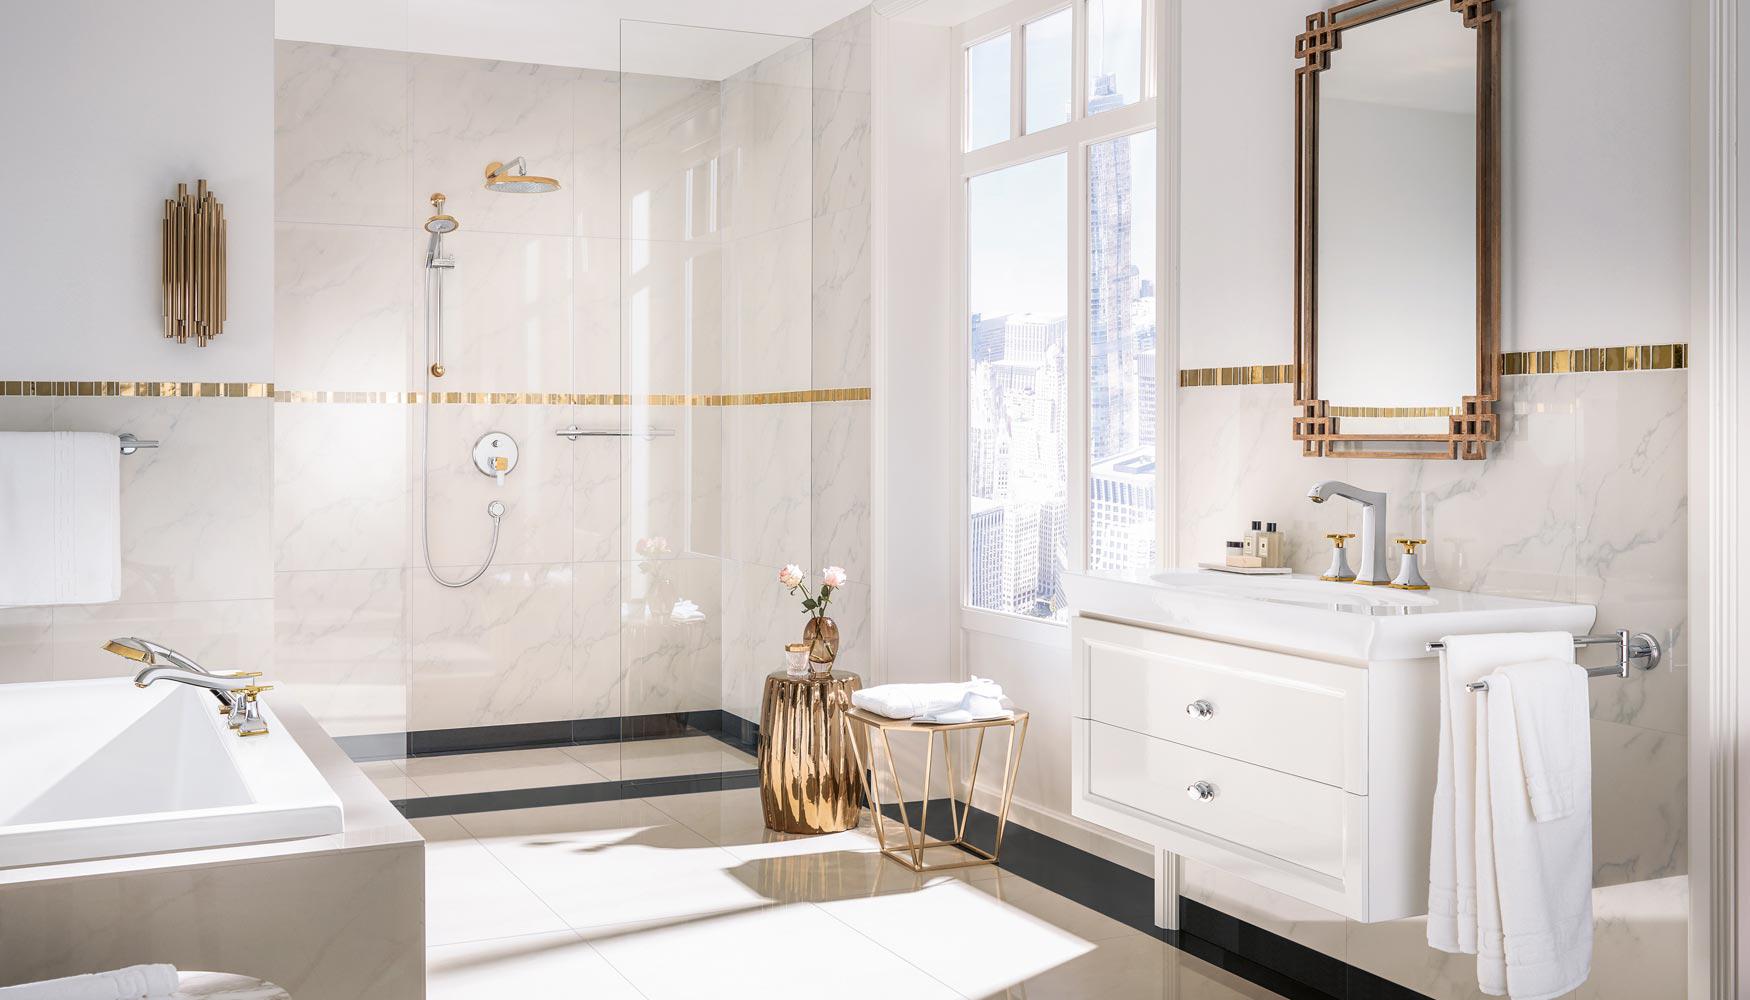 Comment am nager votre salle de bains induscabel salle de bains chauffage et cuisine - Mitigeur design salle de bain ...